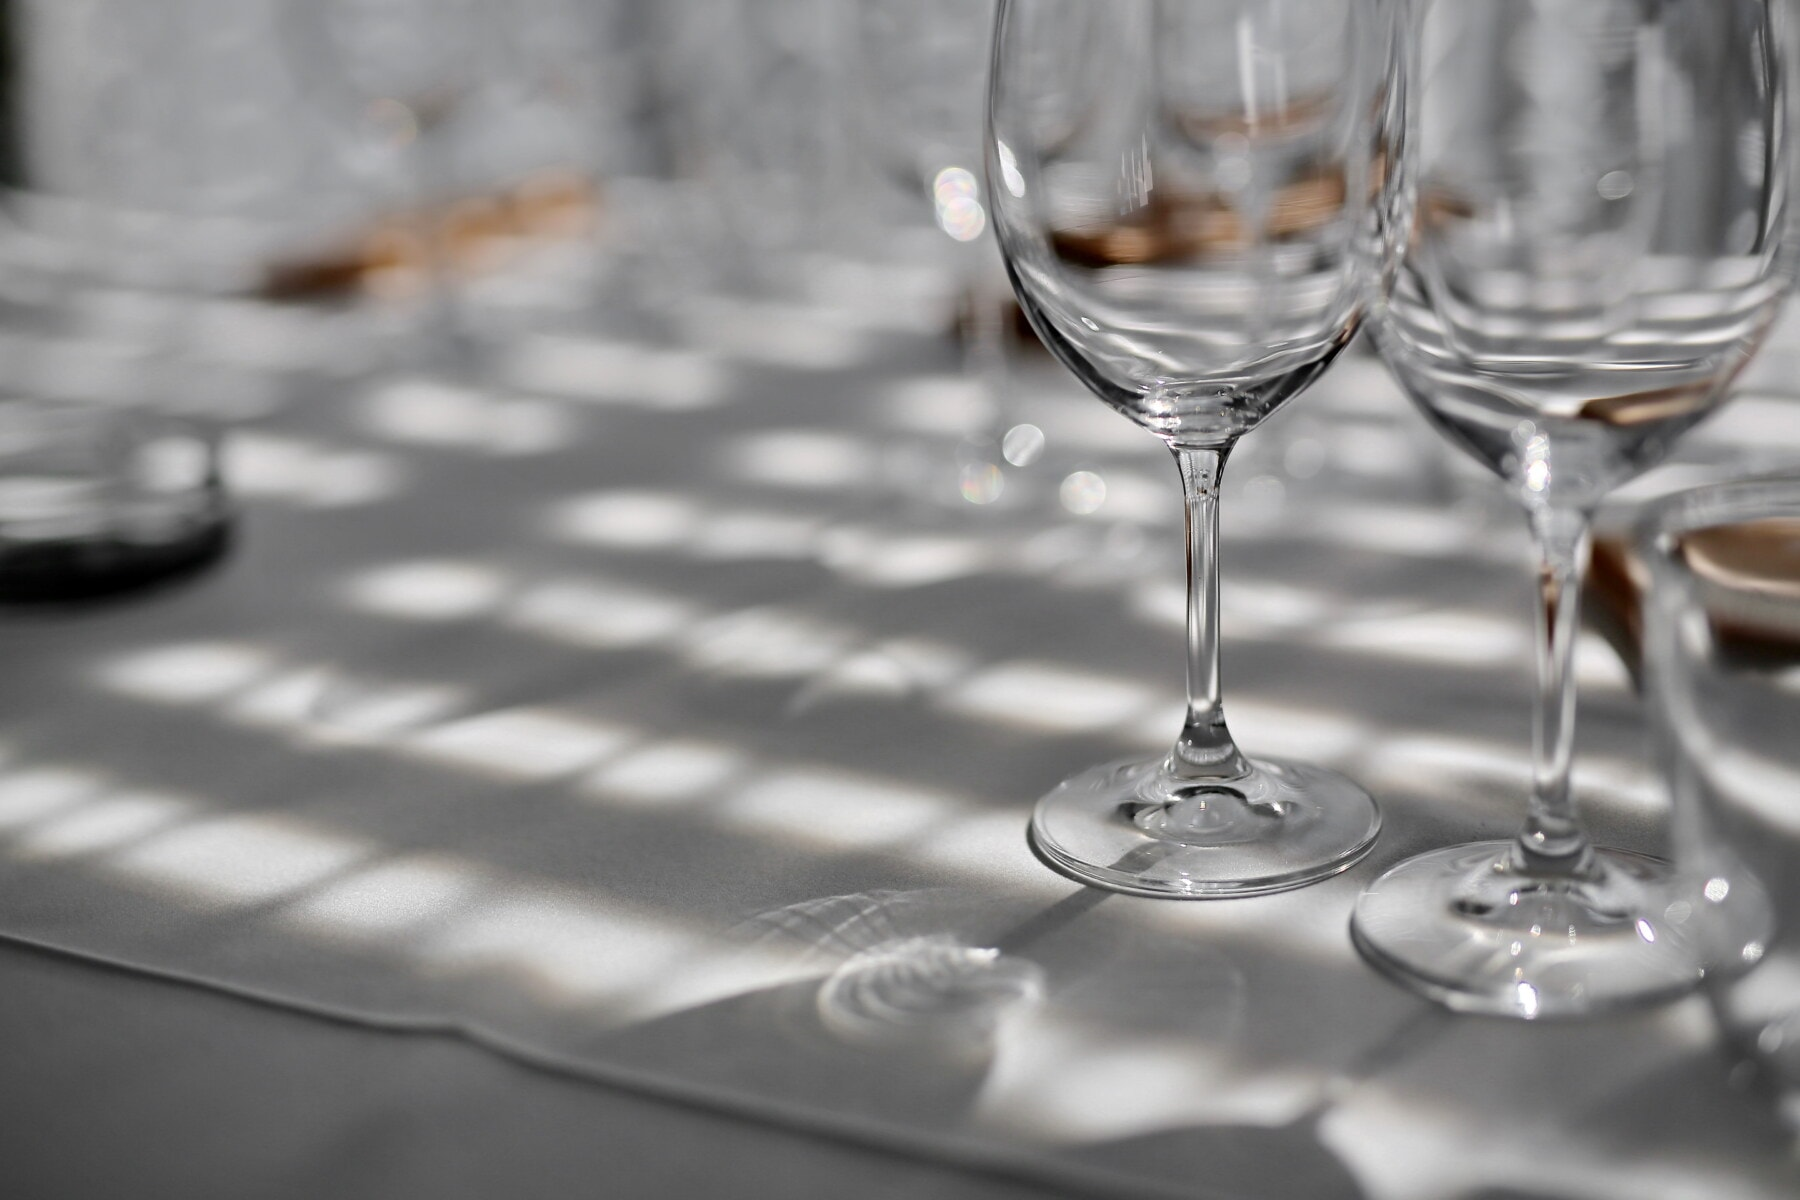 кристал, близьким, скло, відбиття, їдальні, скатертини, їдальнею, елегантний, тінь, напій